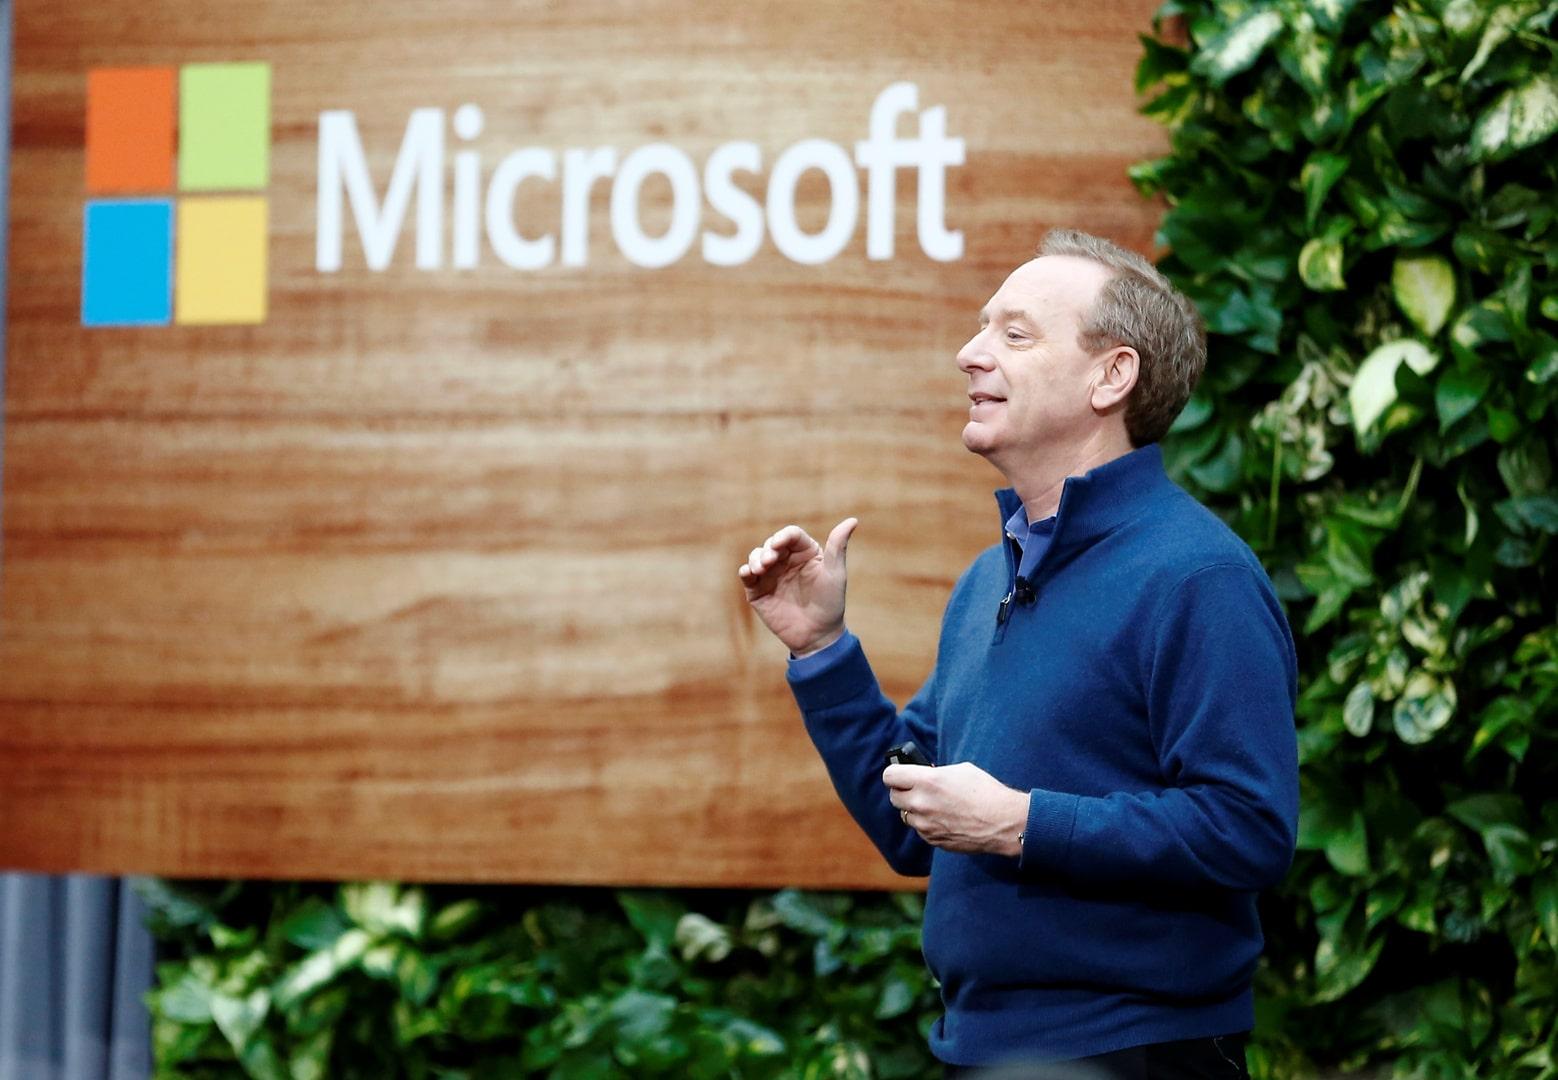 براد سميث رئيس شركة مايكروسوفت